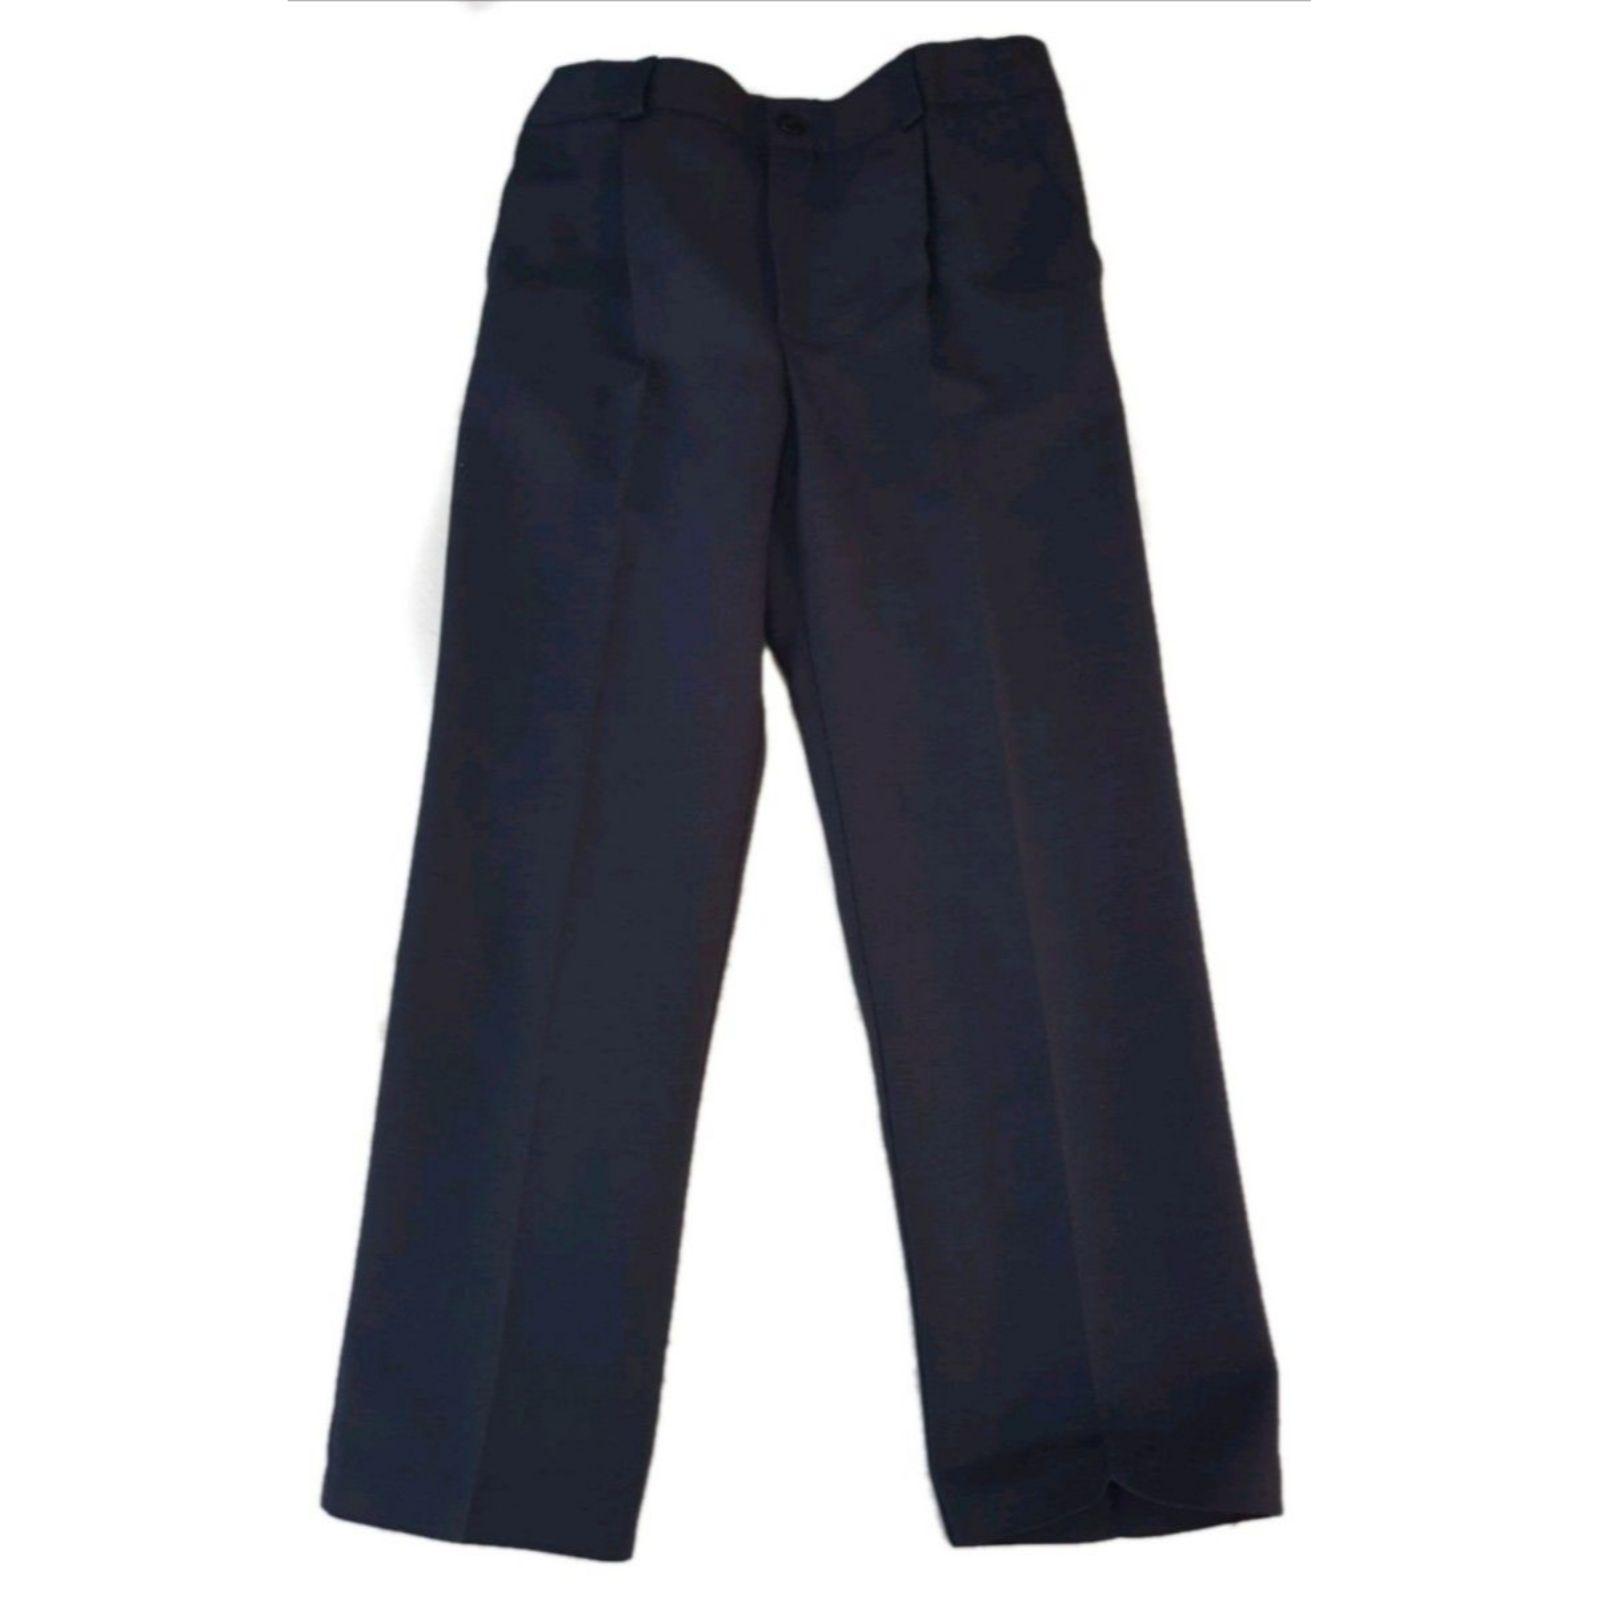 Pantaloni uniformă școlară – set două bucăți 1